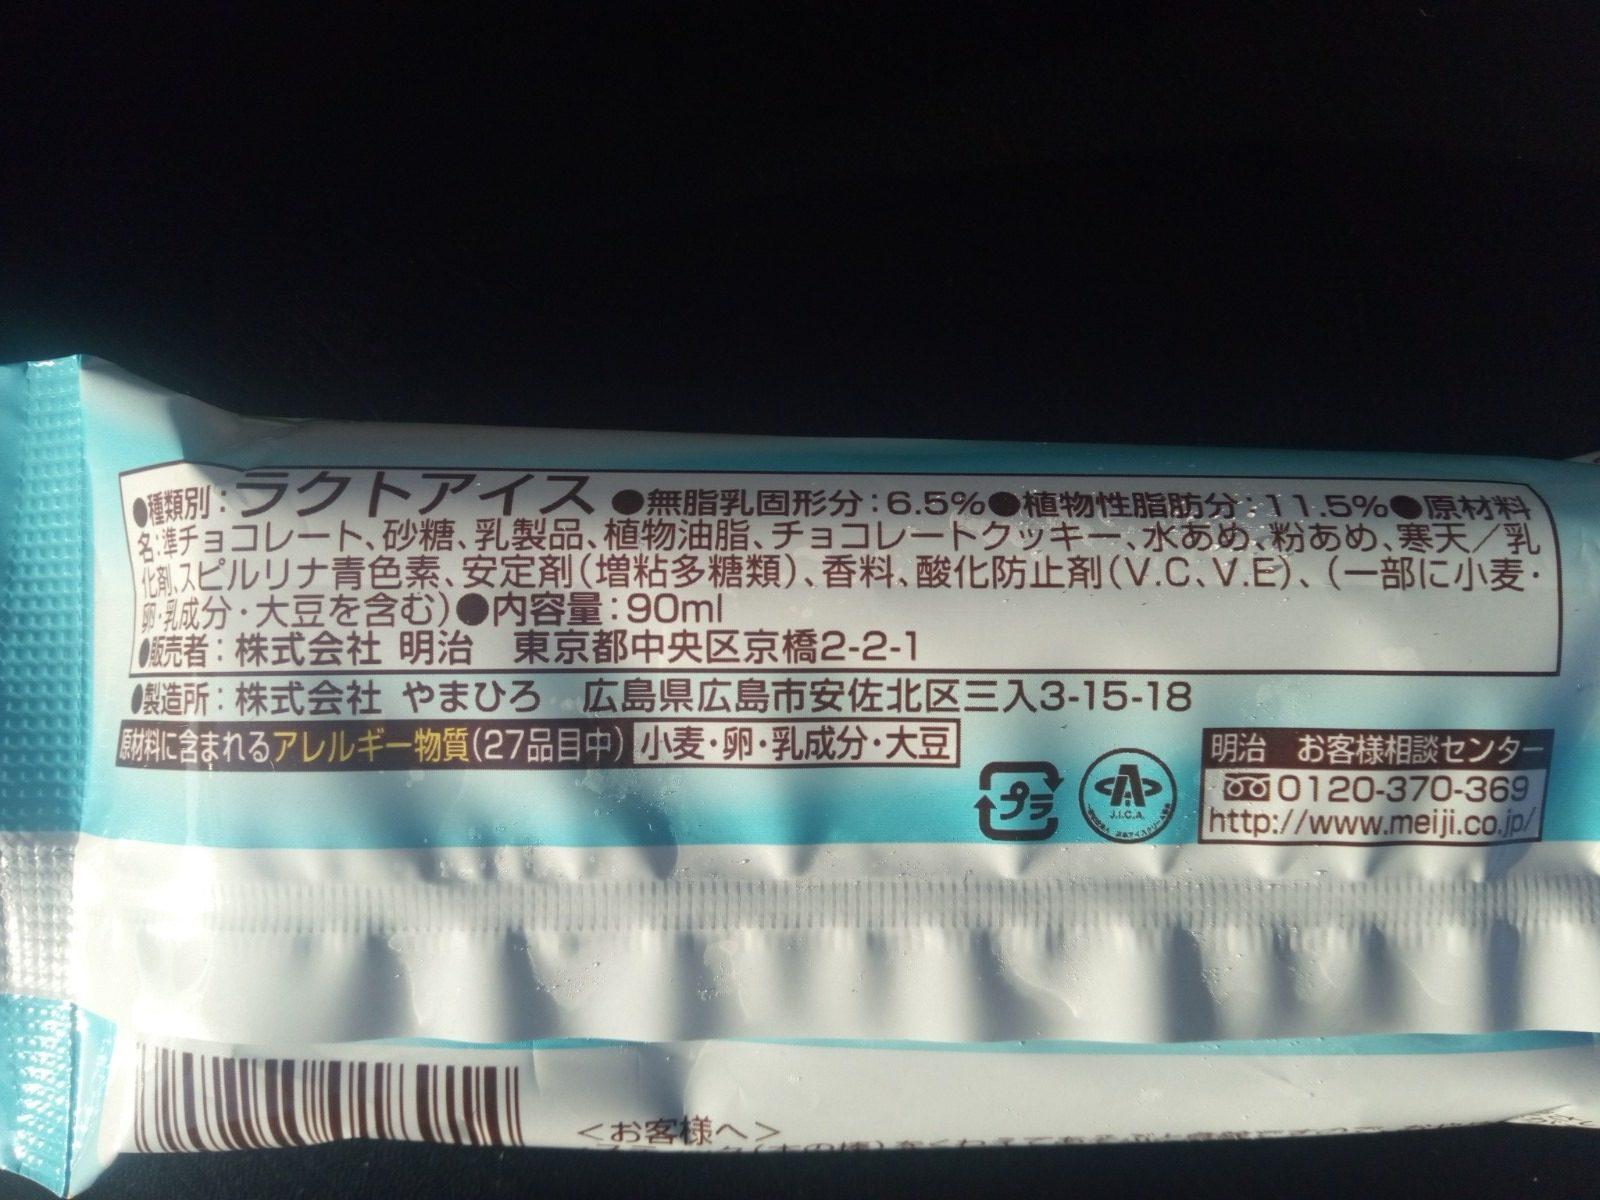 明治 ザ チョコミント_チョコミントアイス_成分表